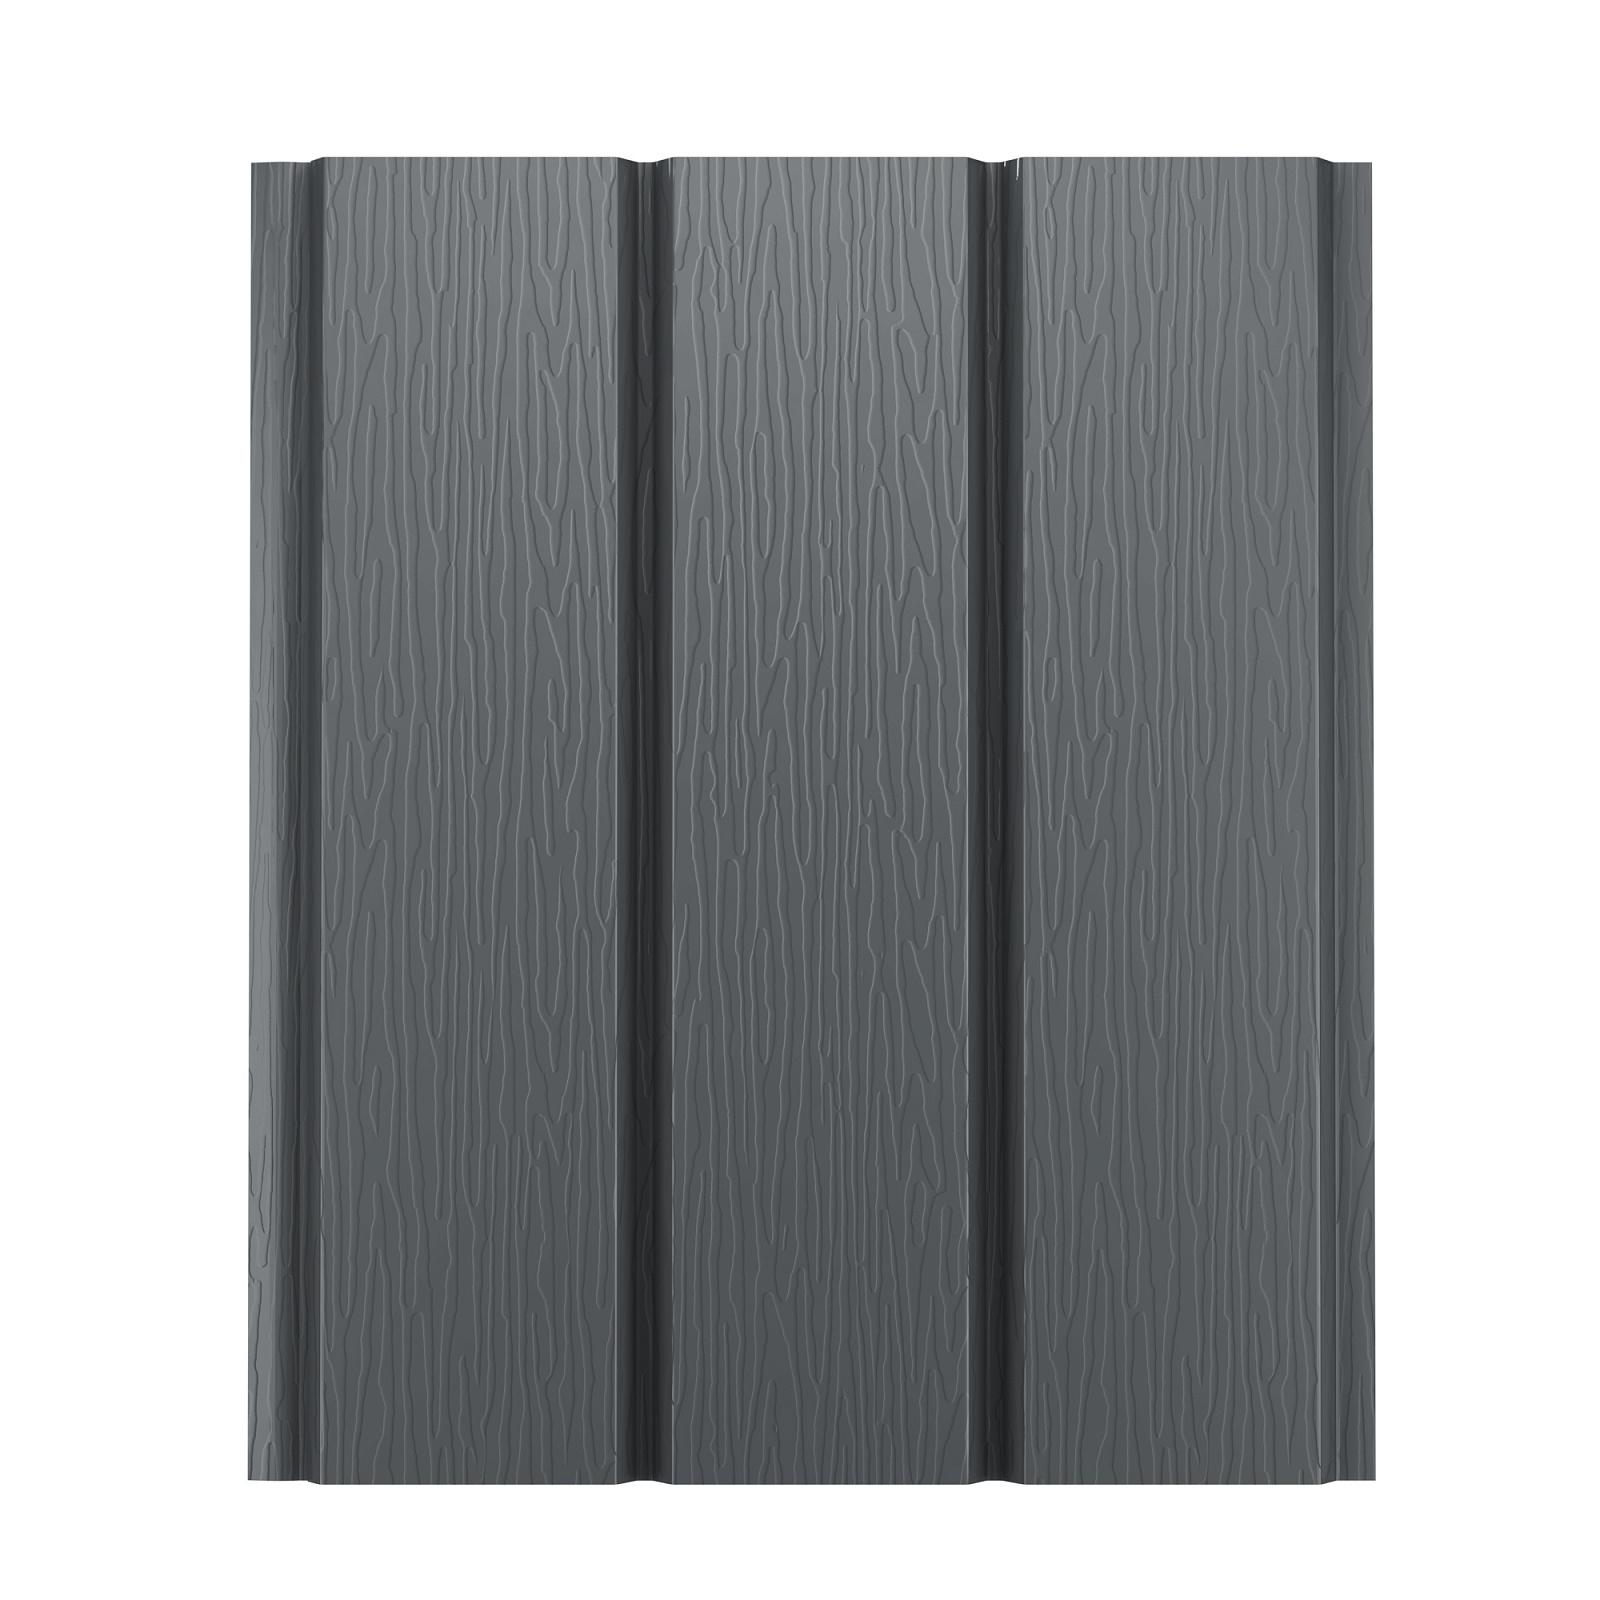 Софит металлический AquaSystem без перфорации Pural 275 г/м2, 2,4 м темно-серый RR 23